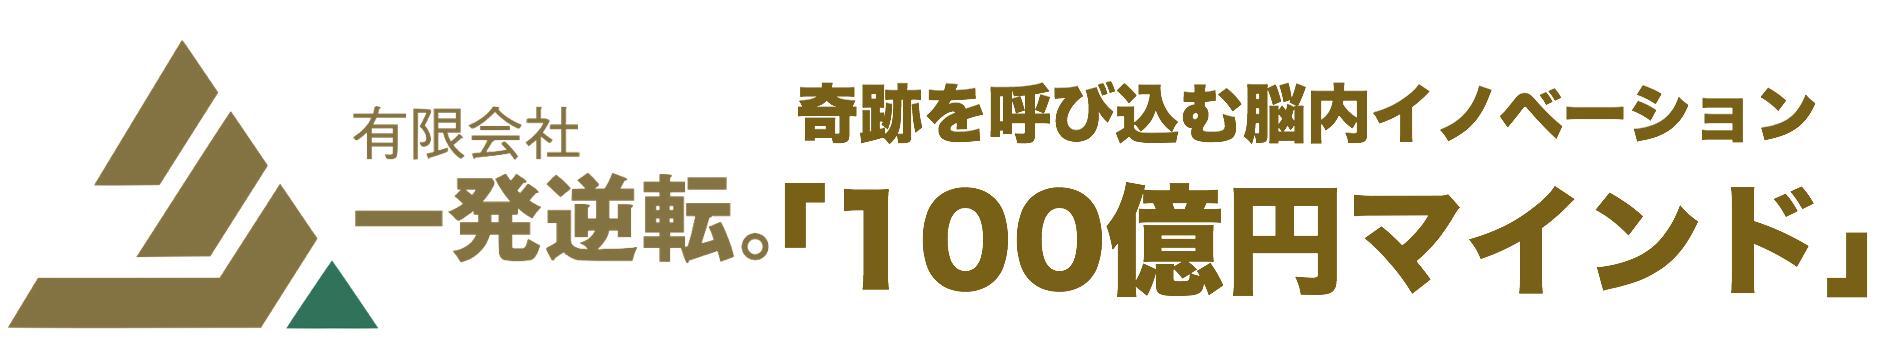 「100億円マインド」の有限会社 一発逆転